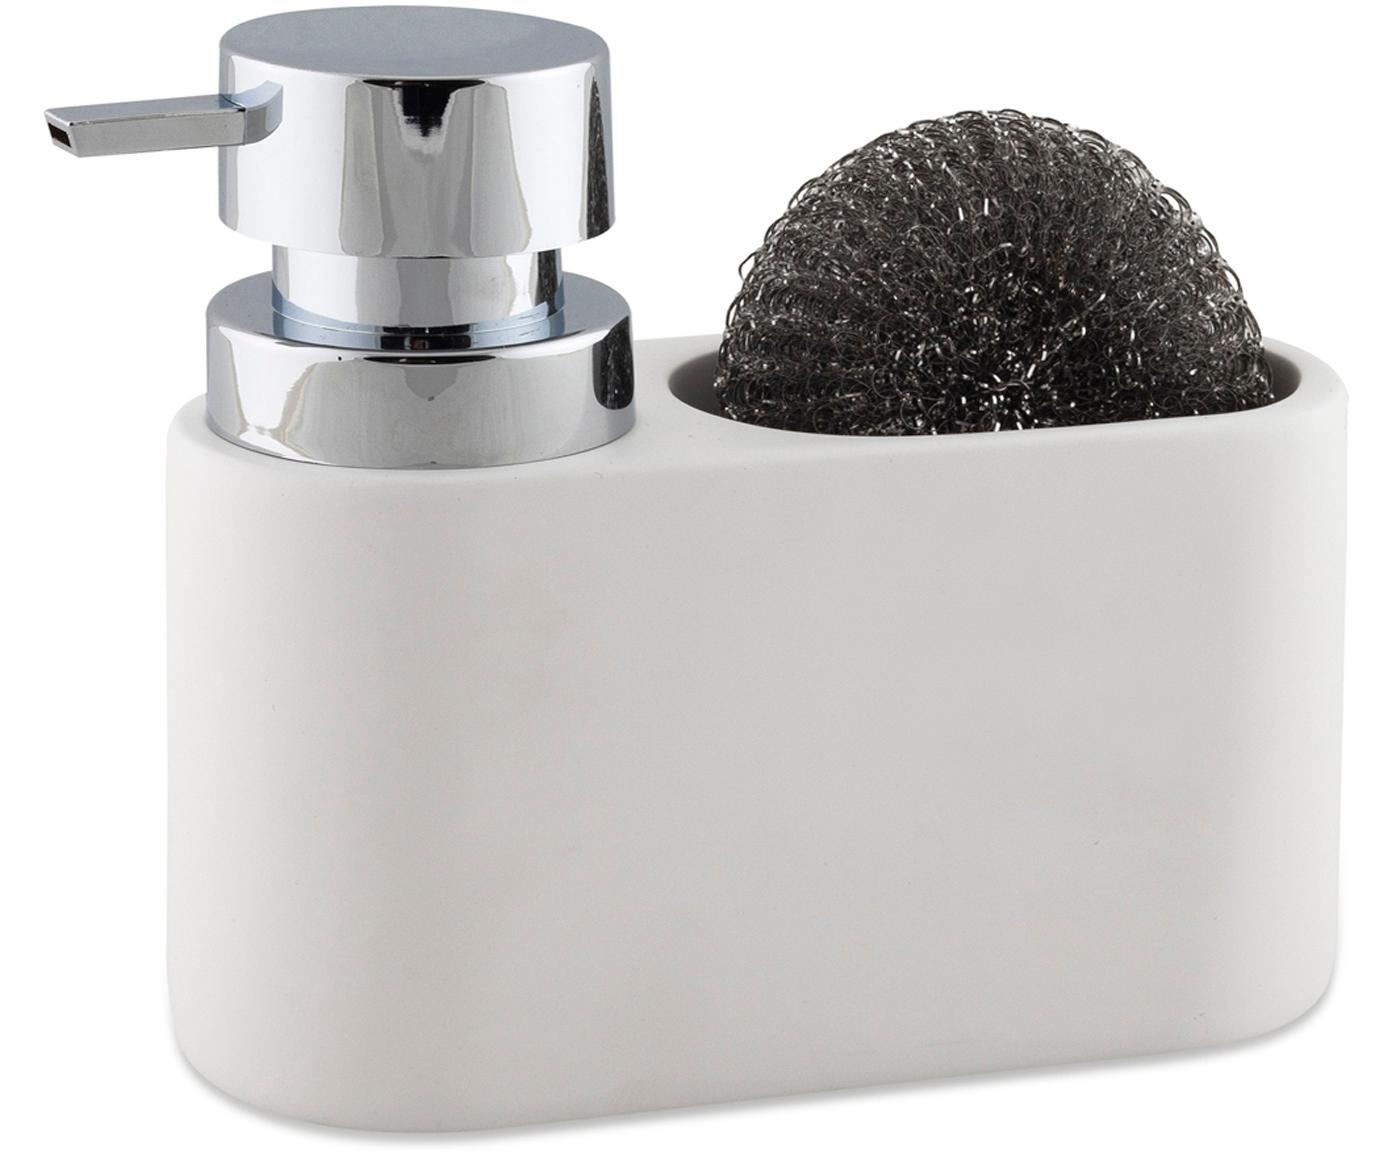 Dozownik do mydła z gąbką Strepa, 2 elem., Ceramika, metal, Biały, odcienie srebrnego, S 19 x W 15 cm